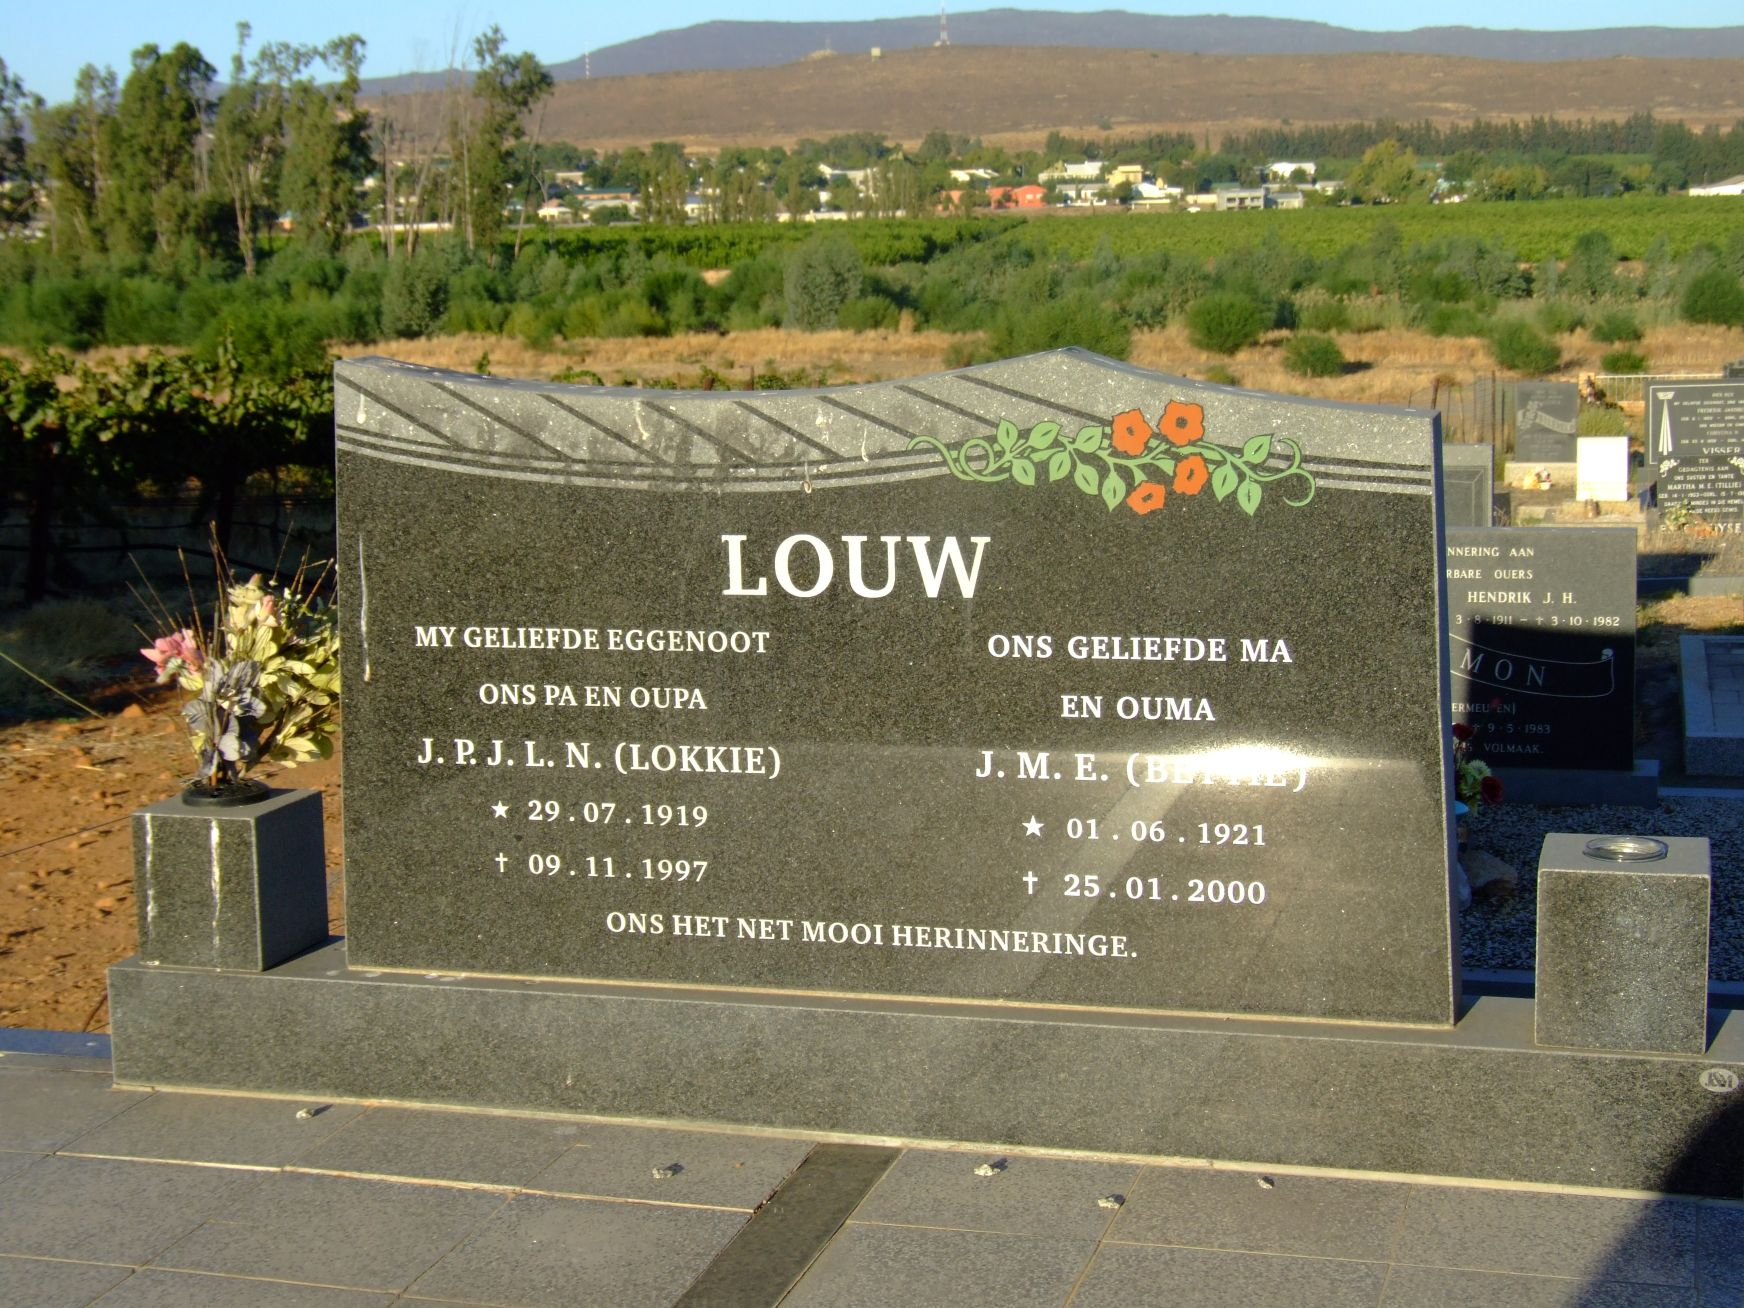 Louw, J.P.J.L.N. and J.M.E.